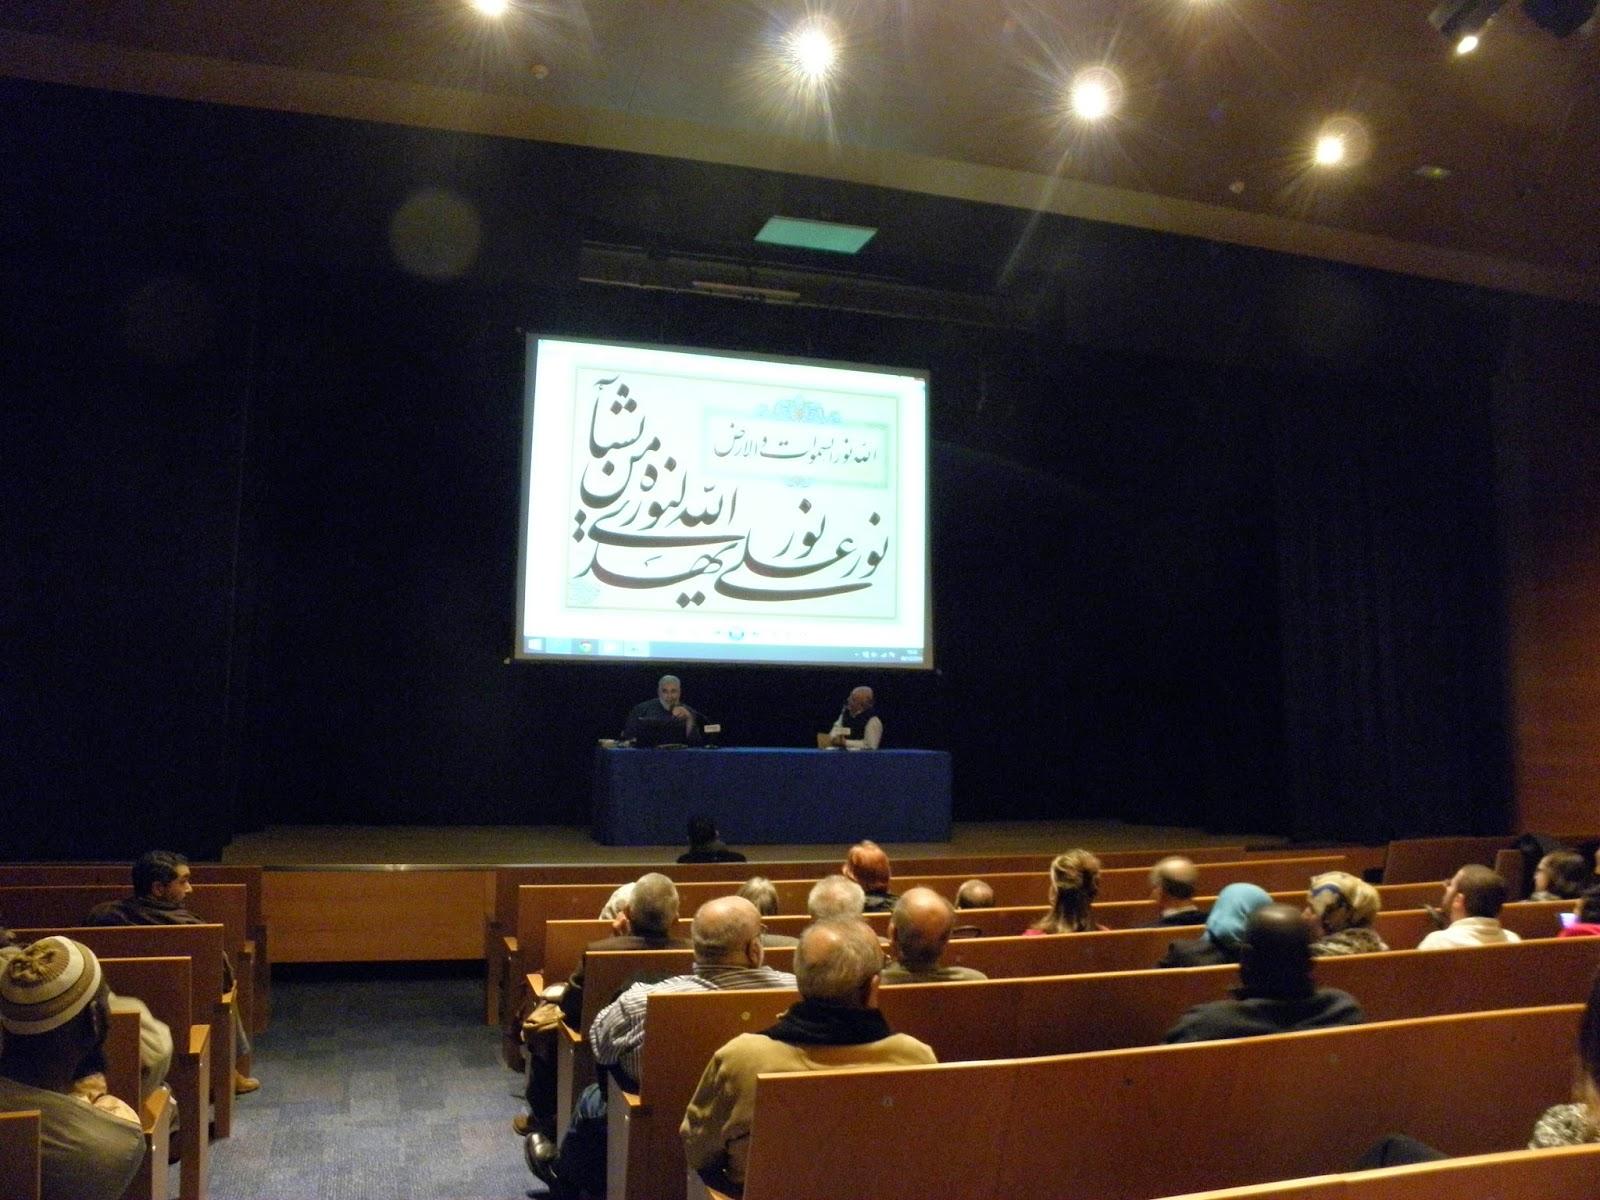 سرقسطة تنظم ندوة عن الفن الإسلامي و النقش العربي